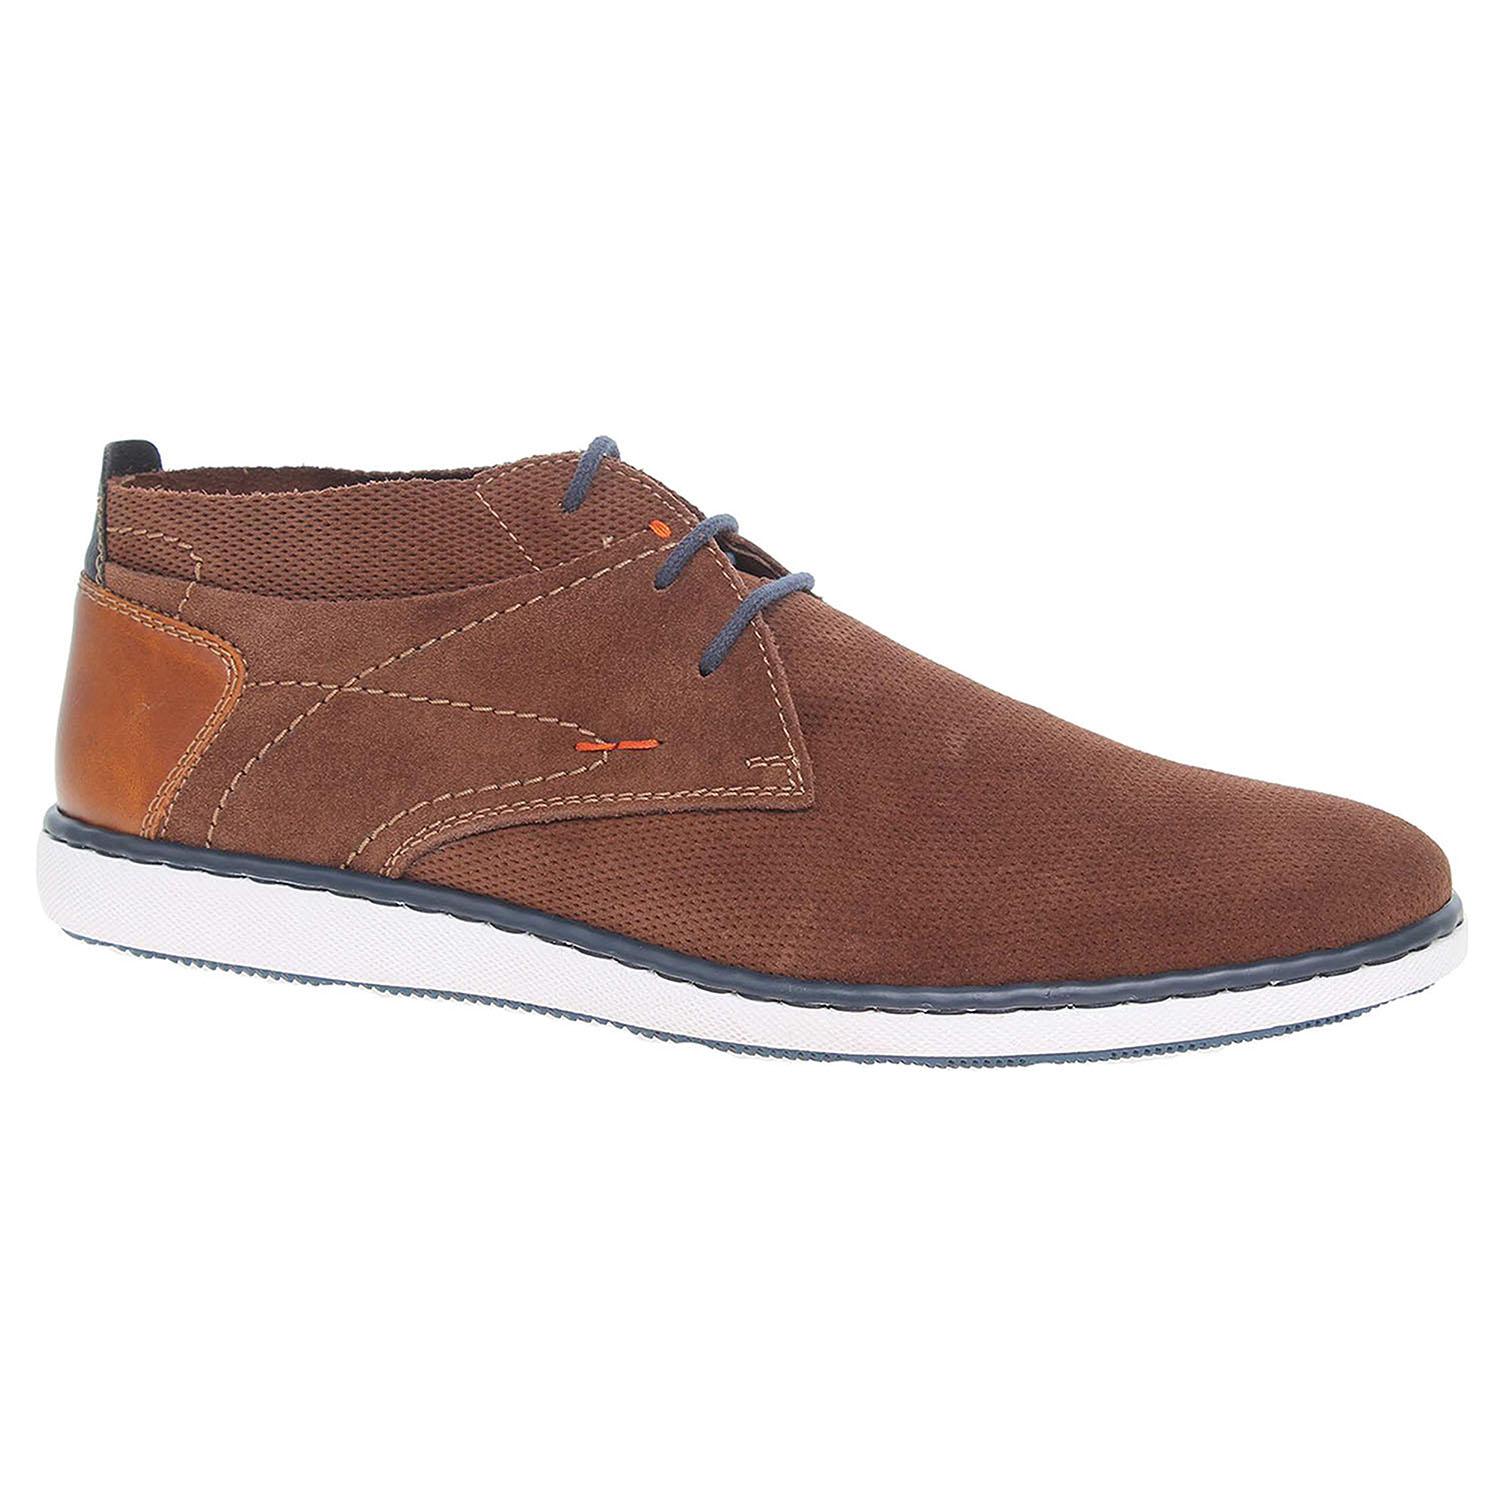 Pánská kotníková obuv Rieker 17823-20 hnědé 41